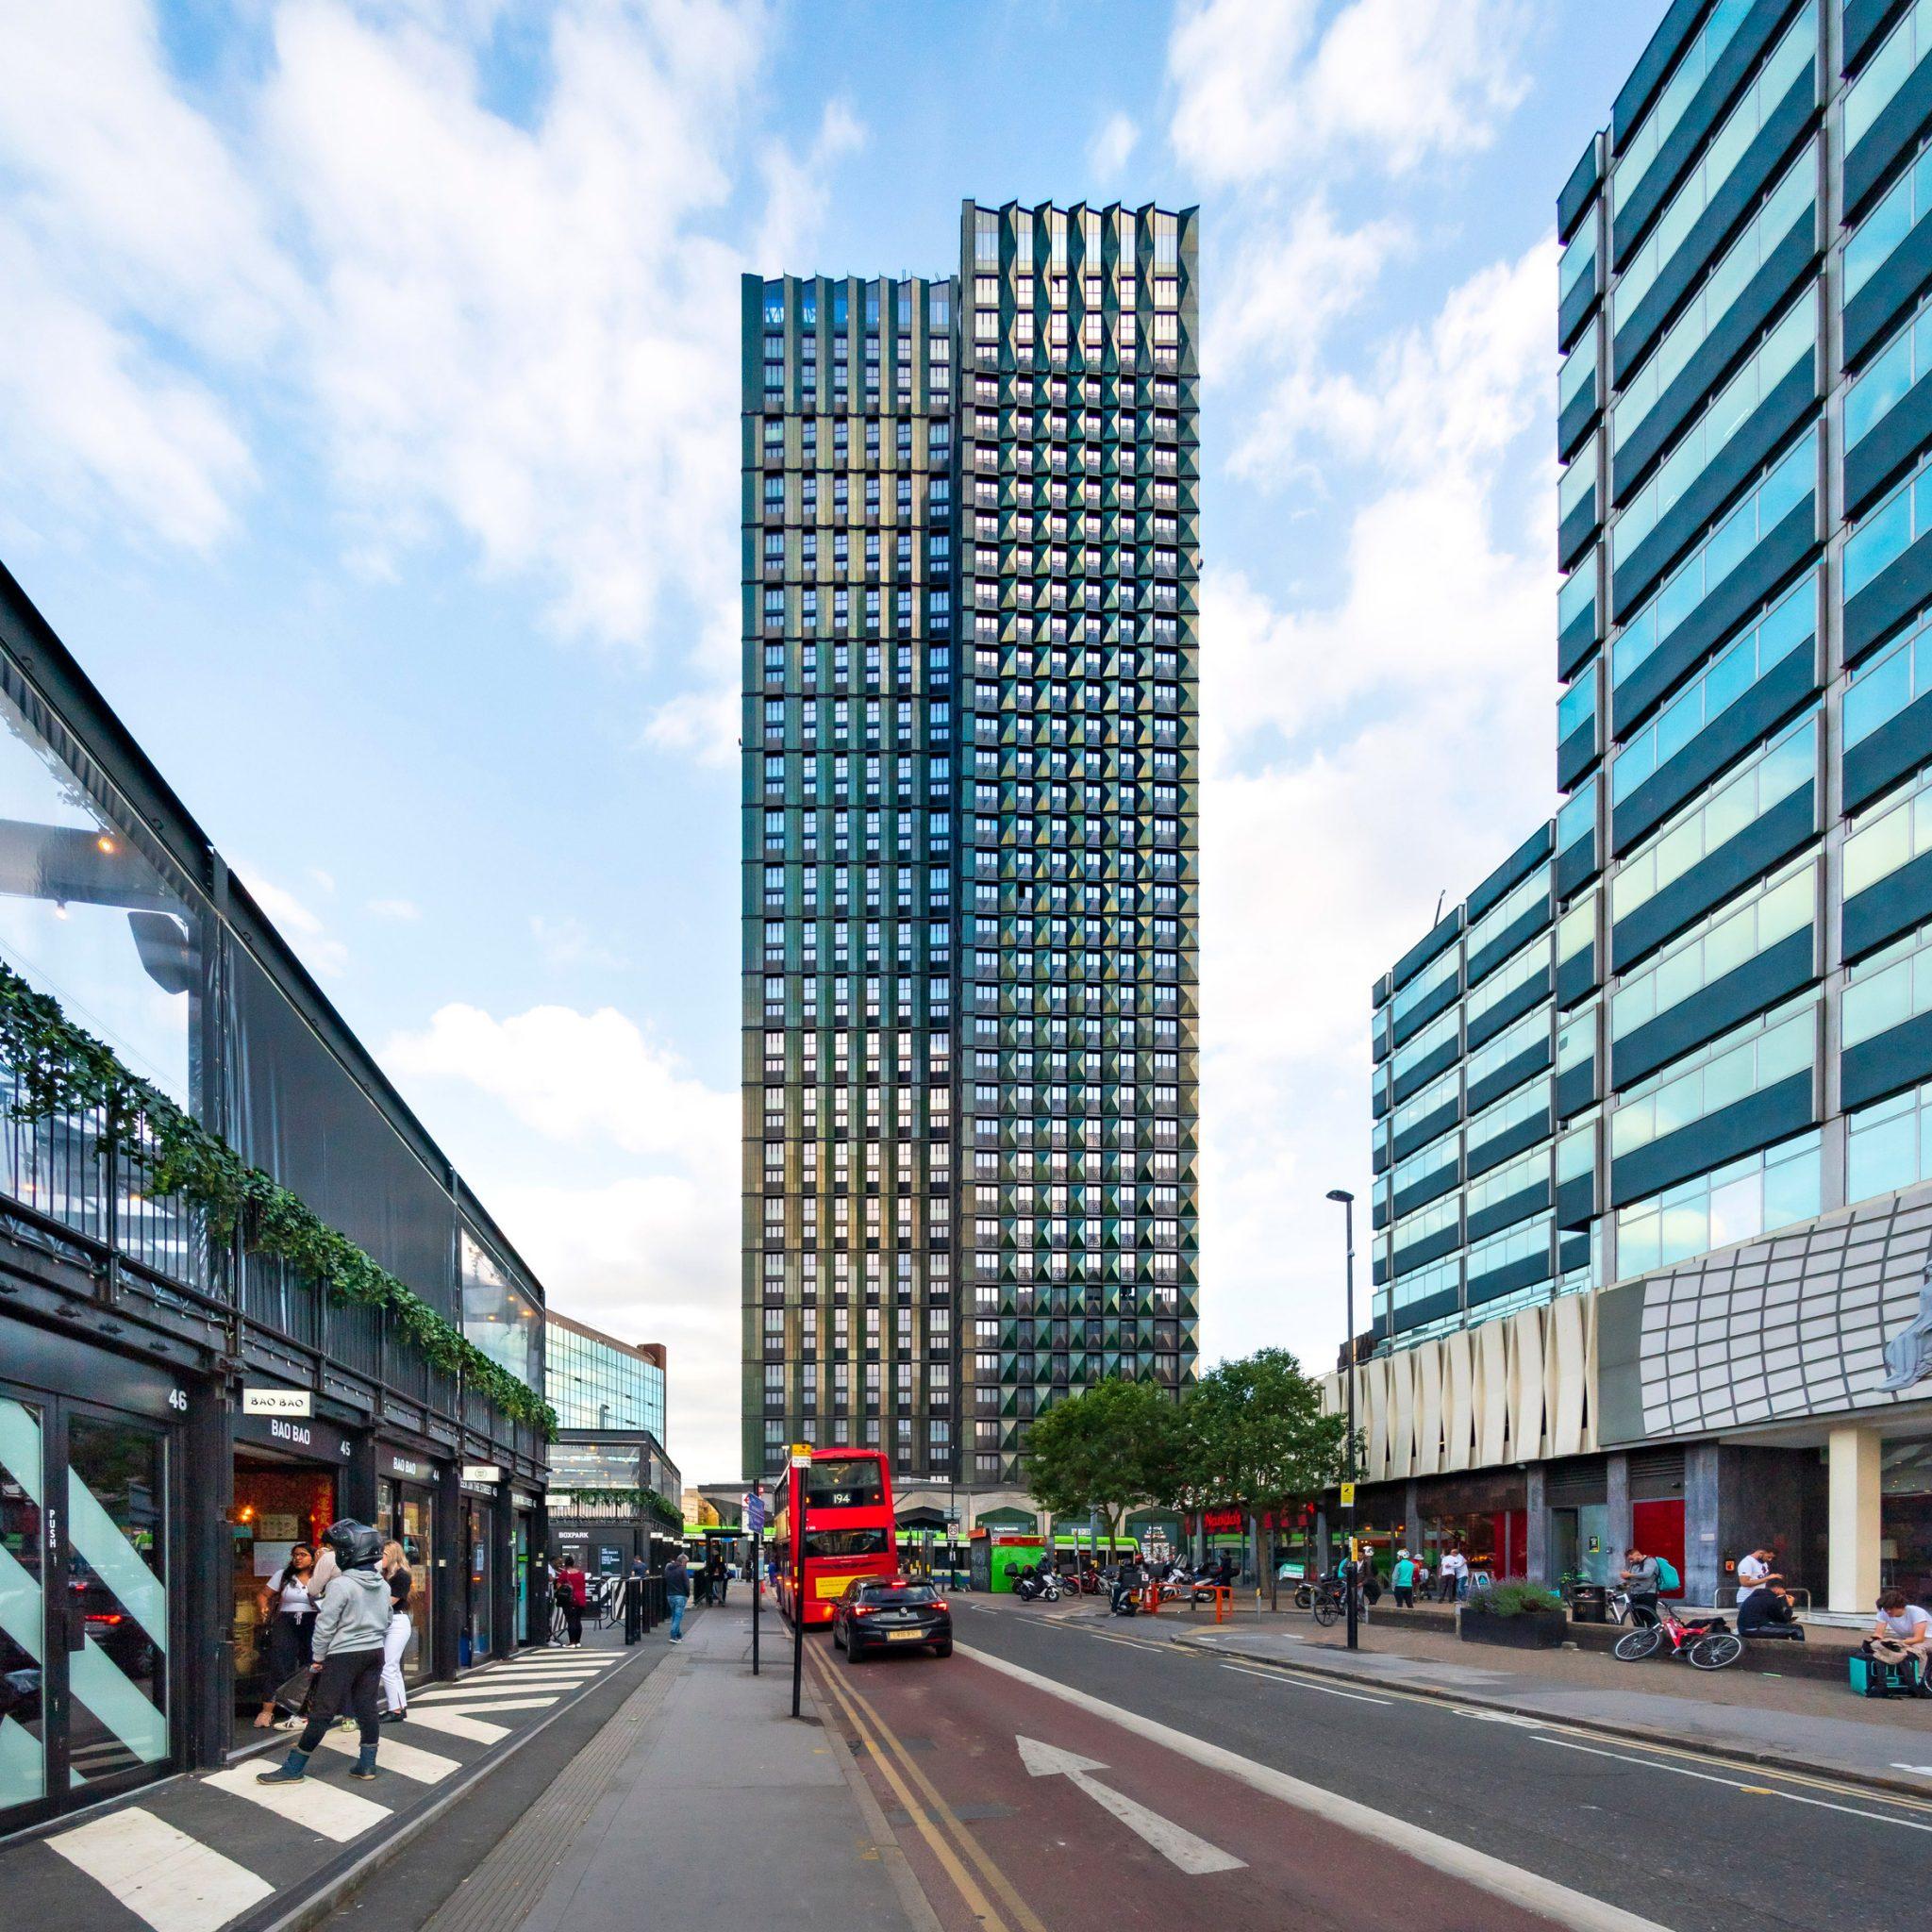 A világ legmagasabb moduláris lakóparkja épül Londonban